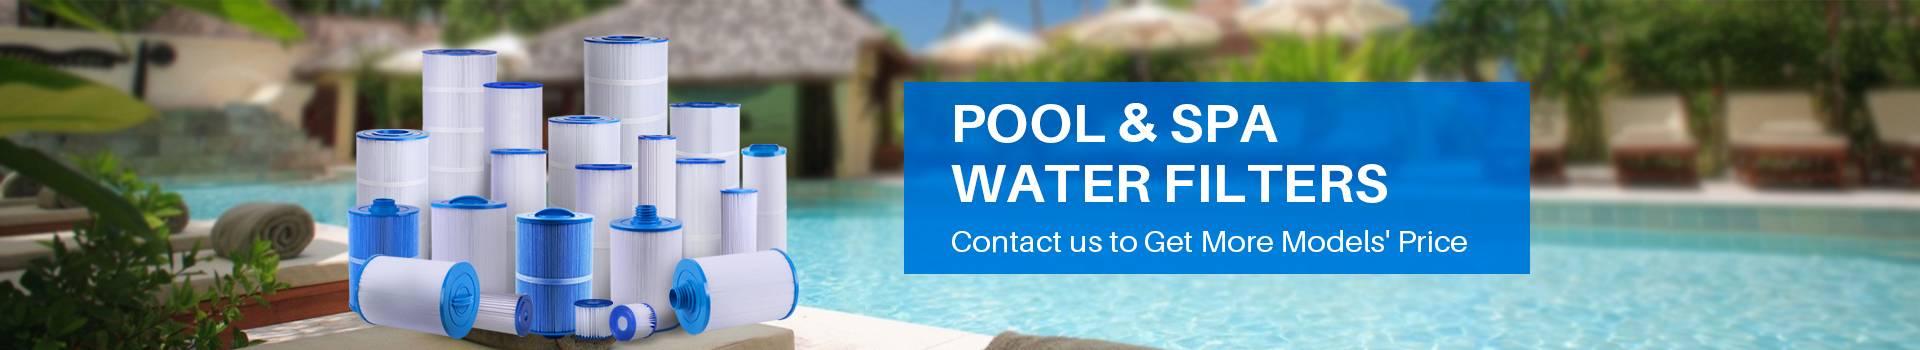 Pool & Spa Water Filters